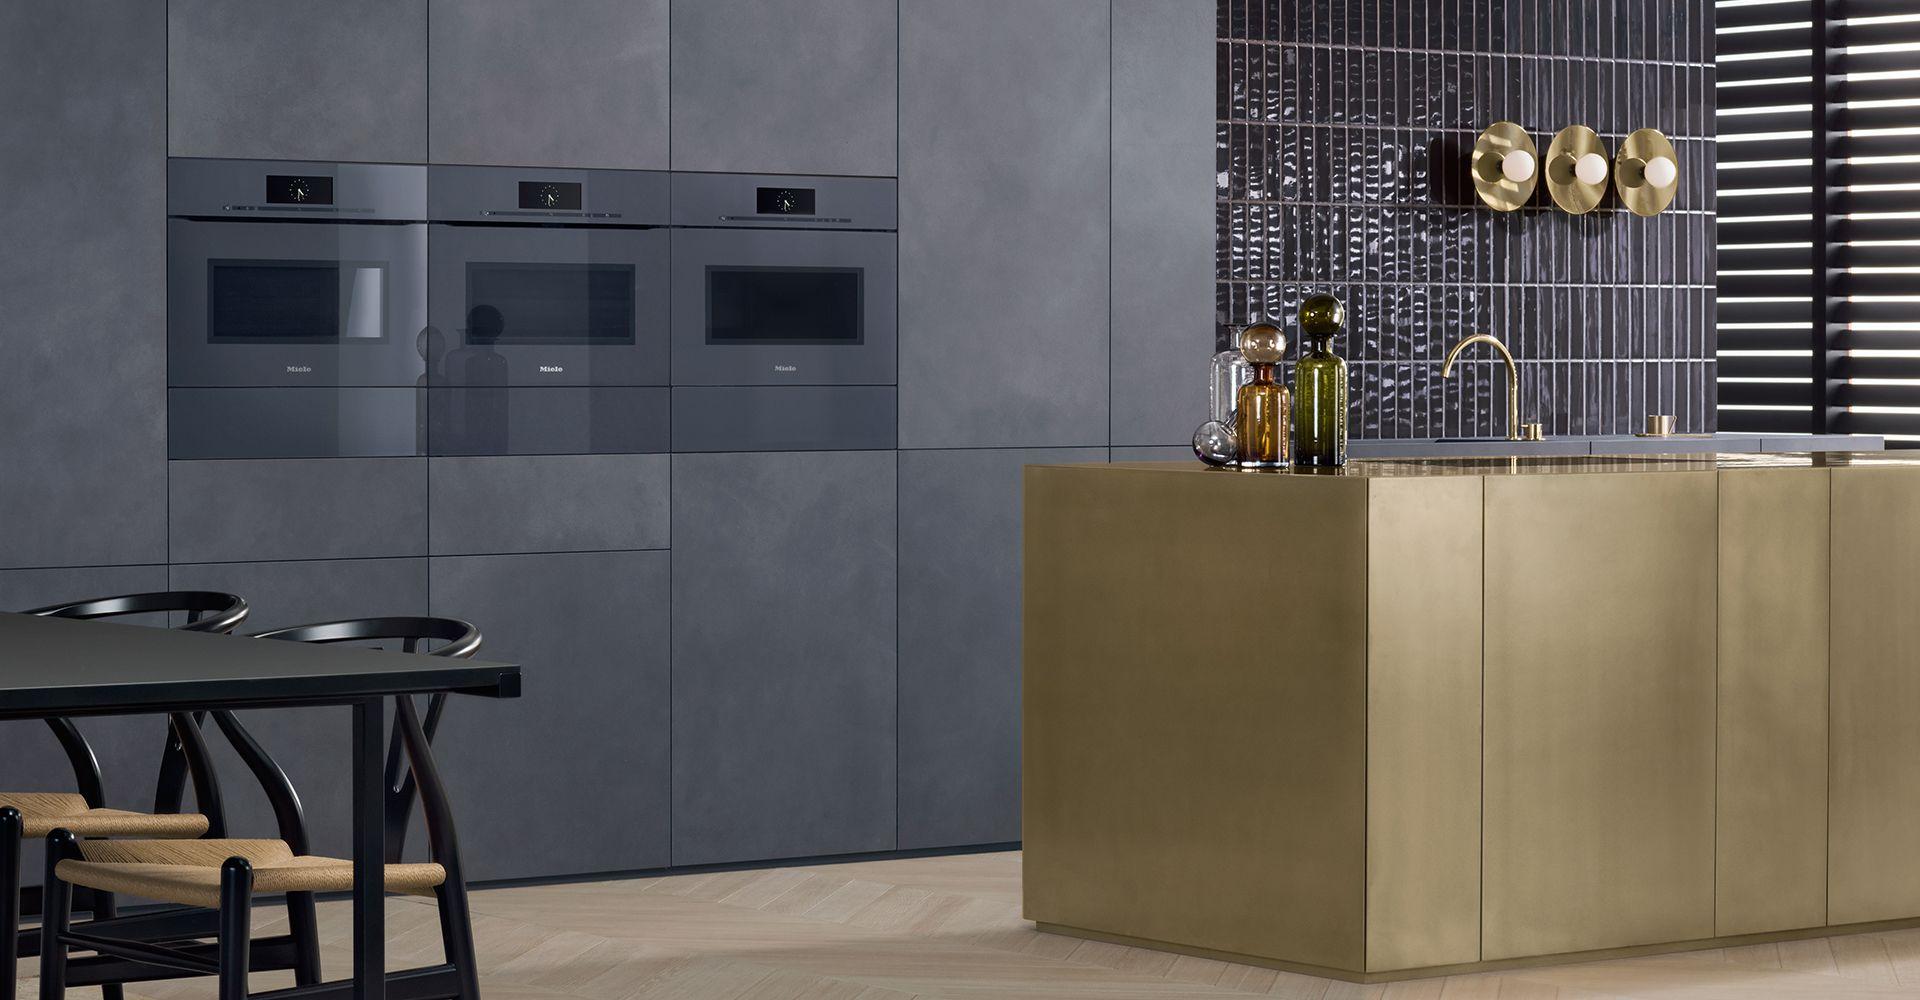 Miele ArtLine handleless appliances. For the purist. The pure ...